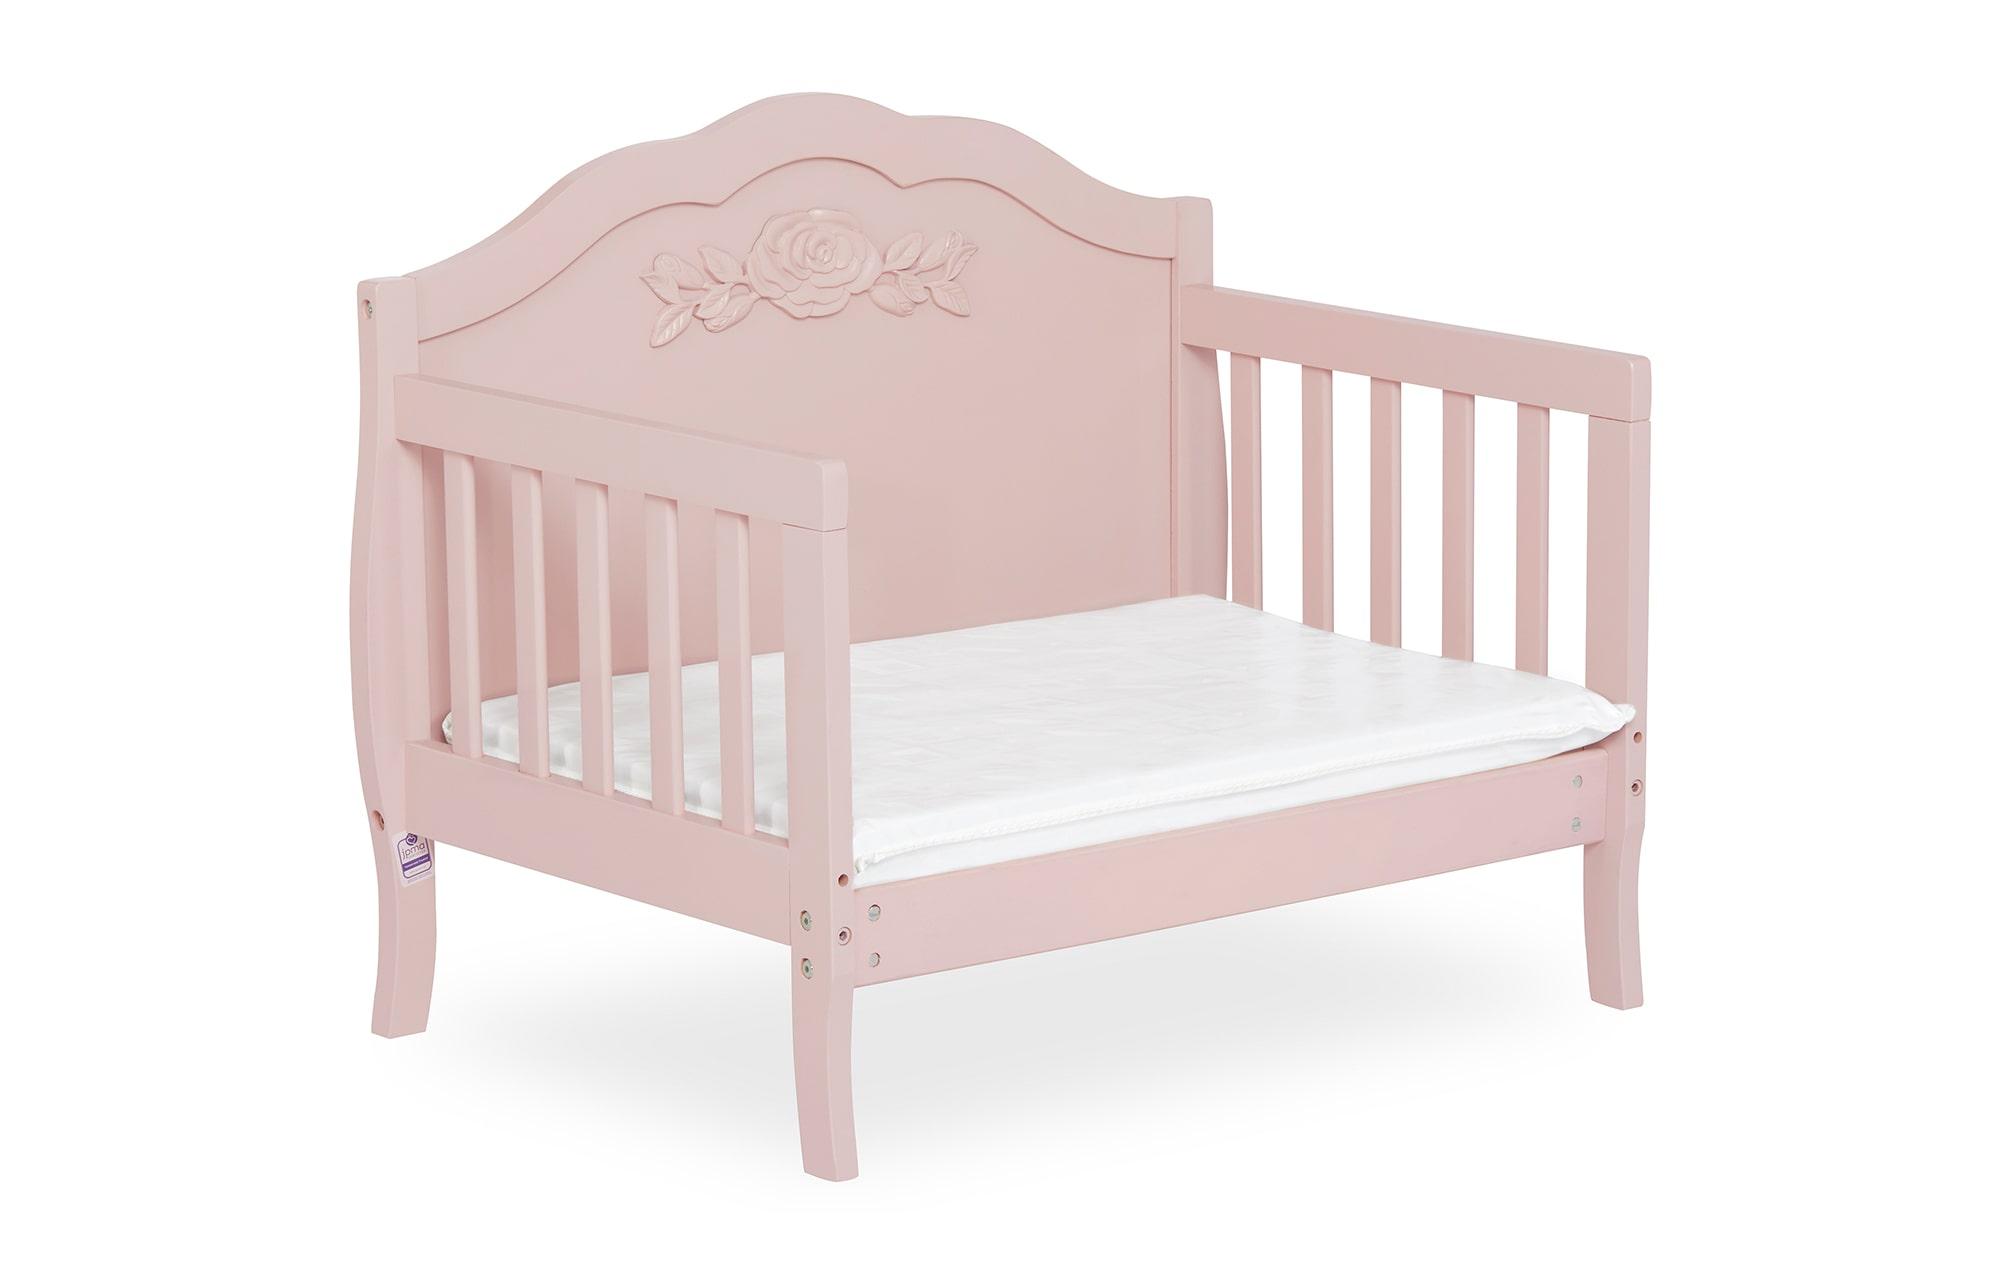 640_BLUSH Rose Toddler Bed Silo 8